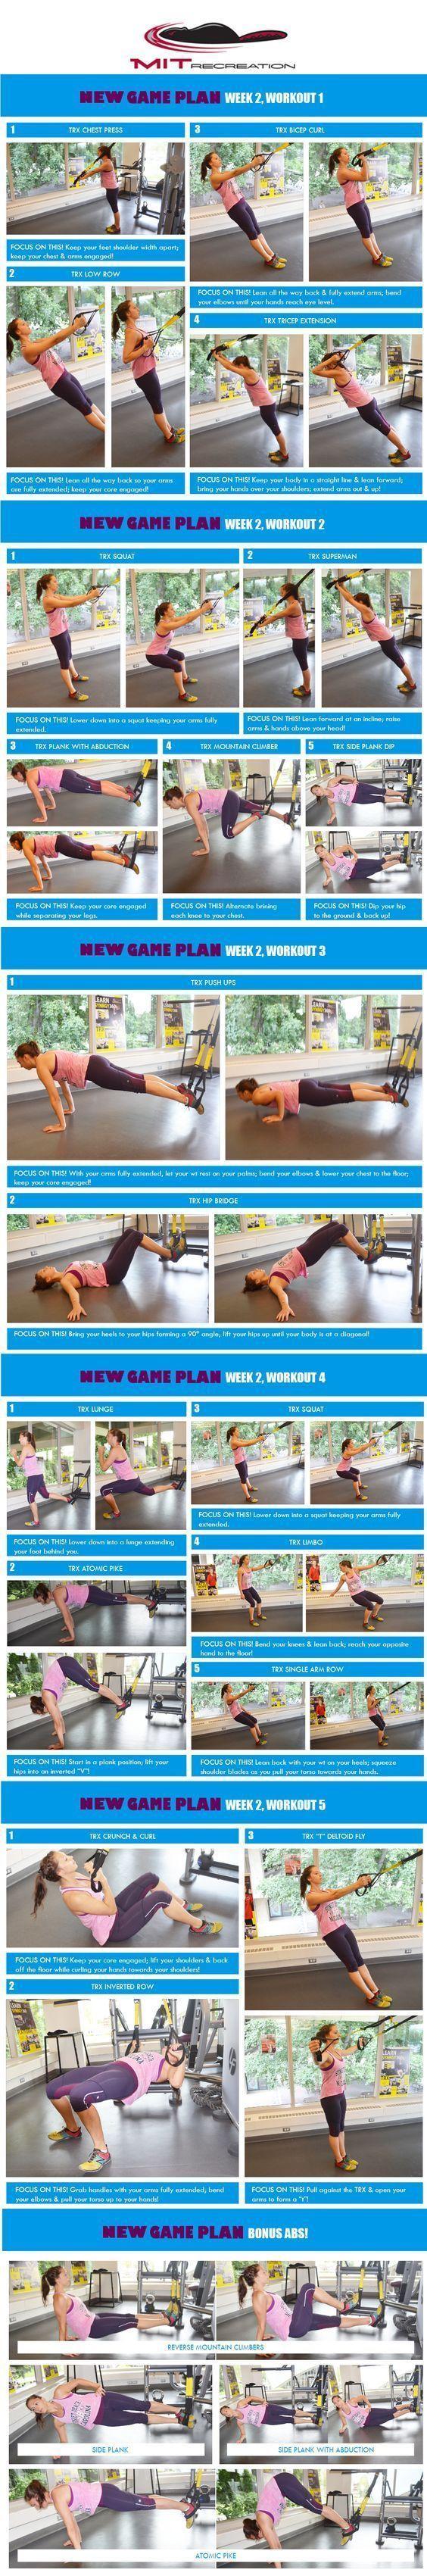 #fitness #Kettlebel #kettlebell #kettlebell trainingsplan muskelaufbau #muskelaufbau #Trainingsplan...